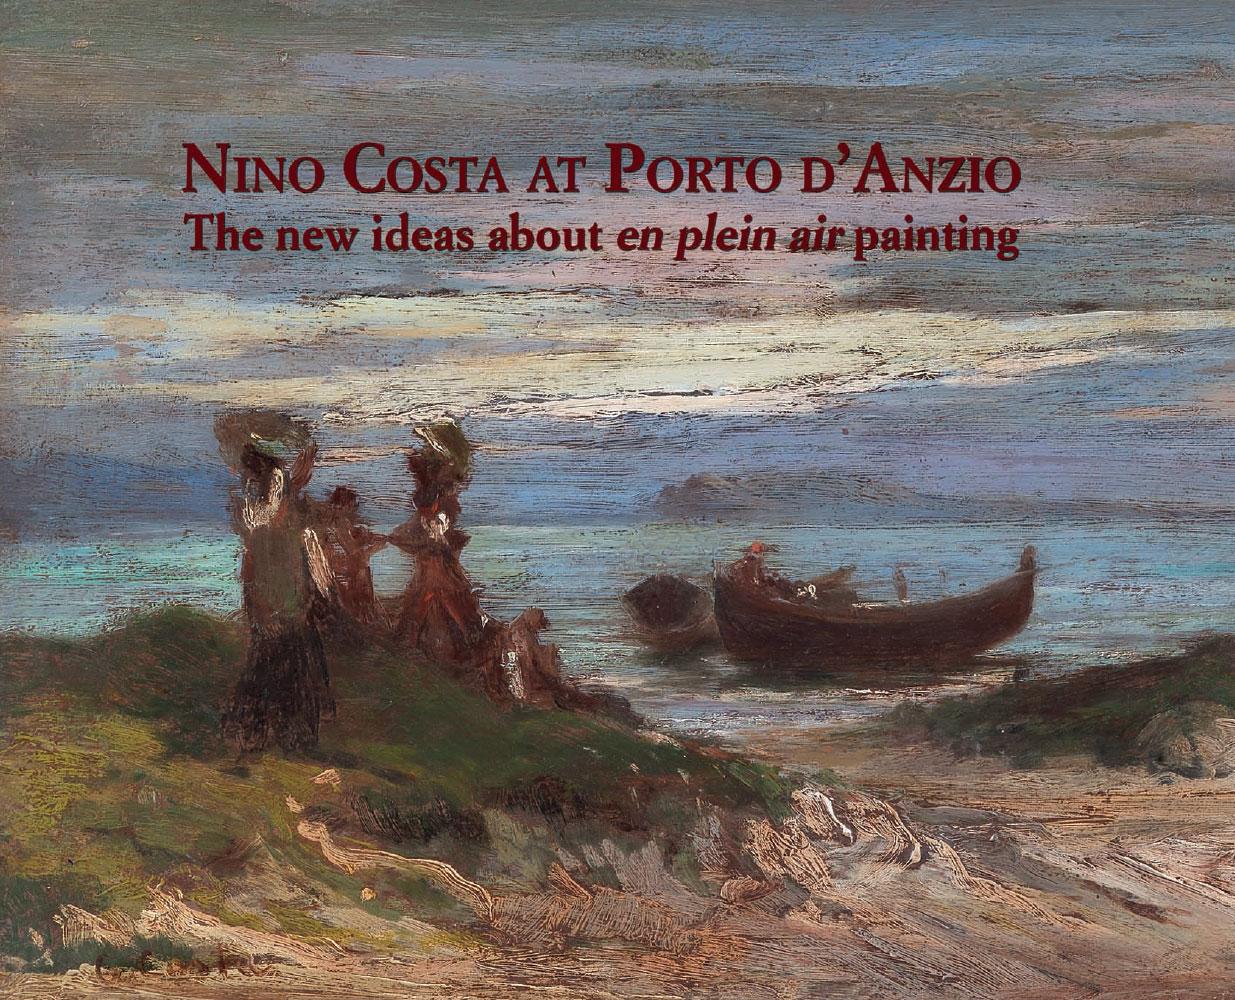 Nino Costa at Porto D'Anzio